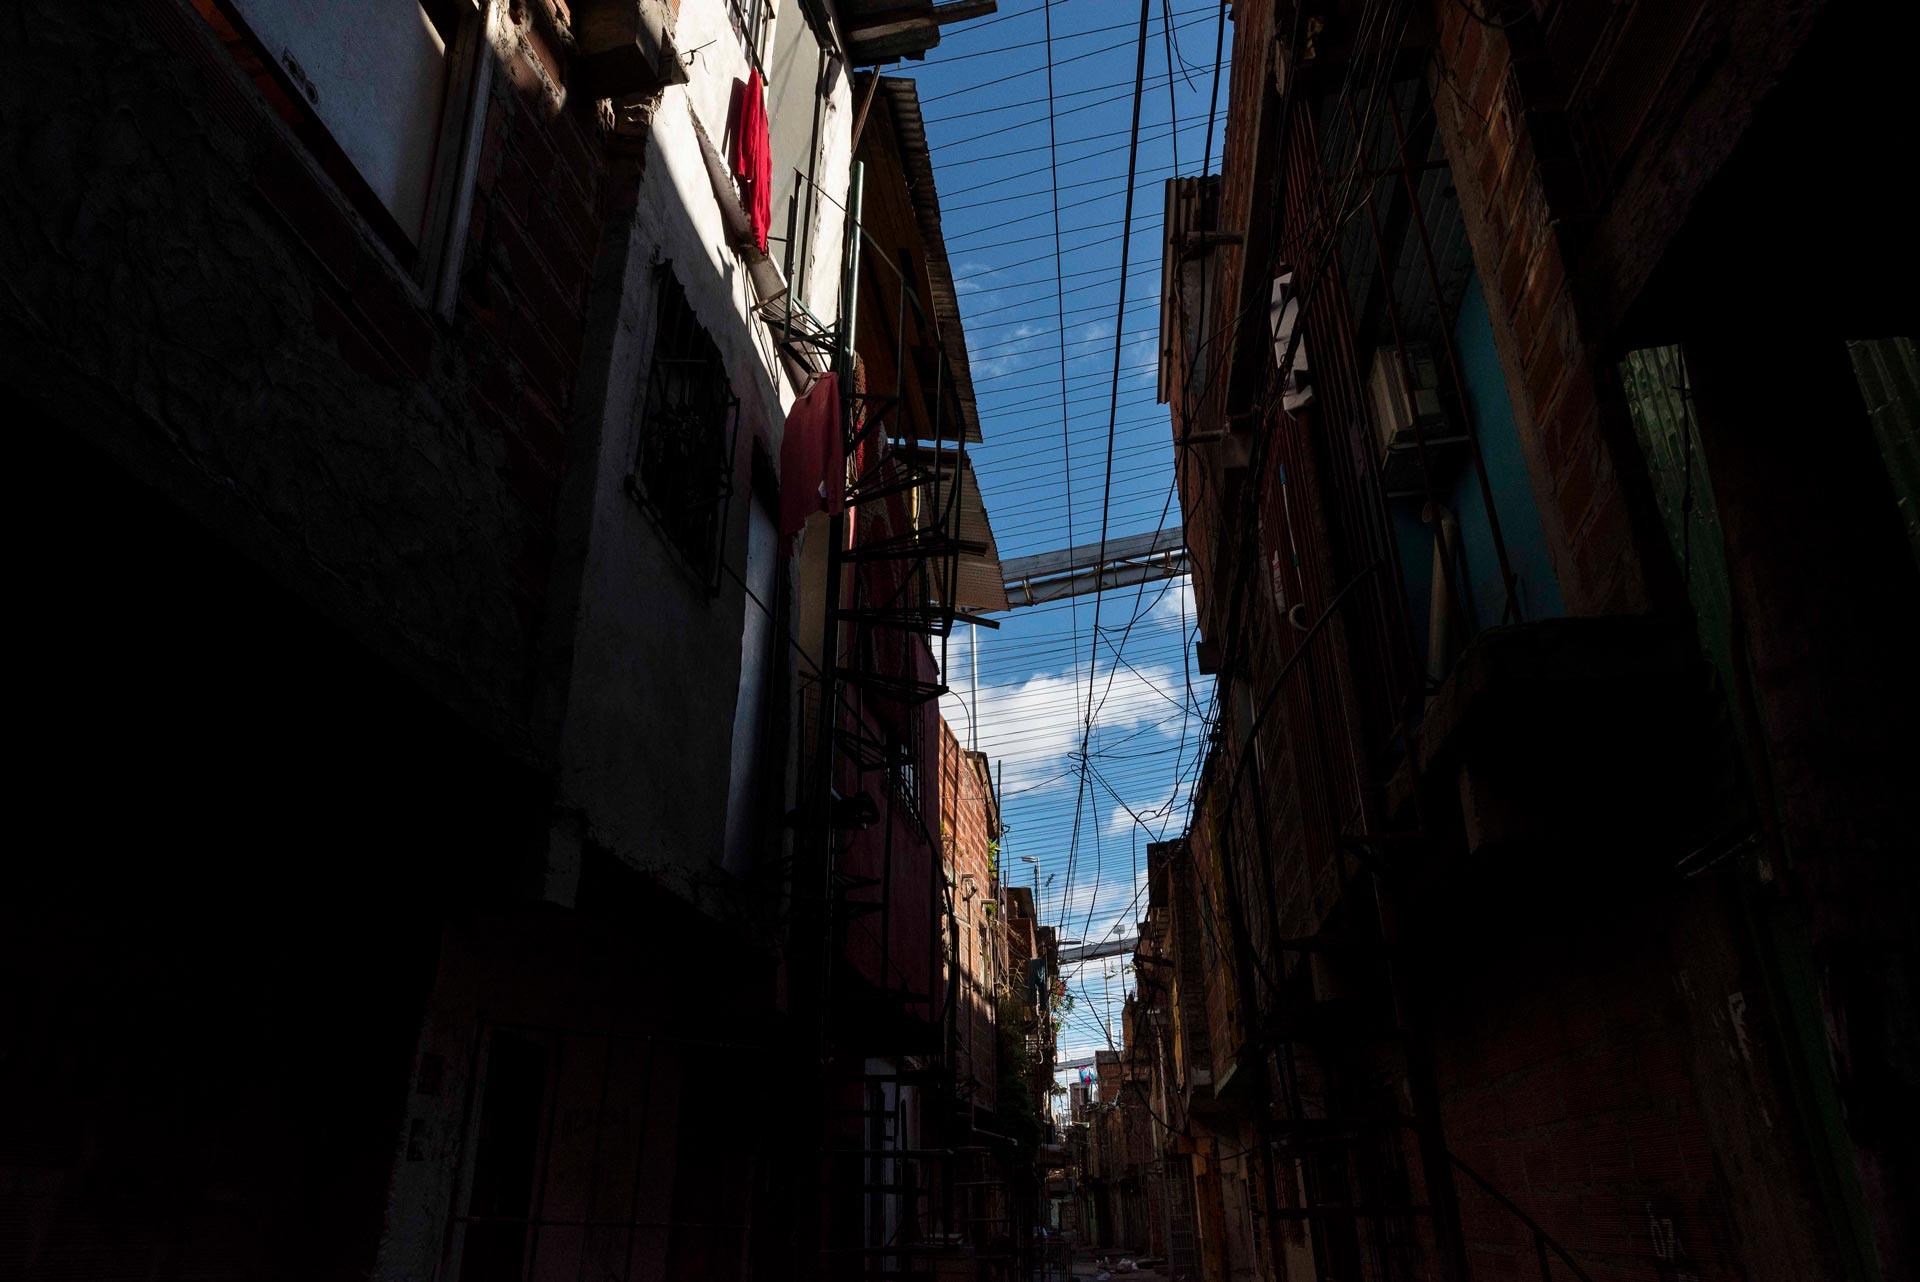 En medio de la pandemia por Coronavirus, el barrio popular más numeroso de la ciudad de Buenos Aires se quedó sin agua. El suministro se cortó a los pocos días de que comenzara el contagio comunitario. El número de casos se disparó de 3 a 151.